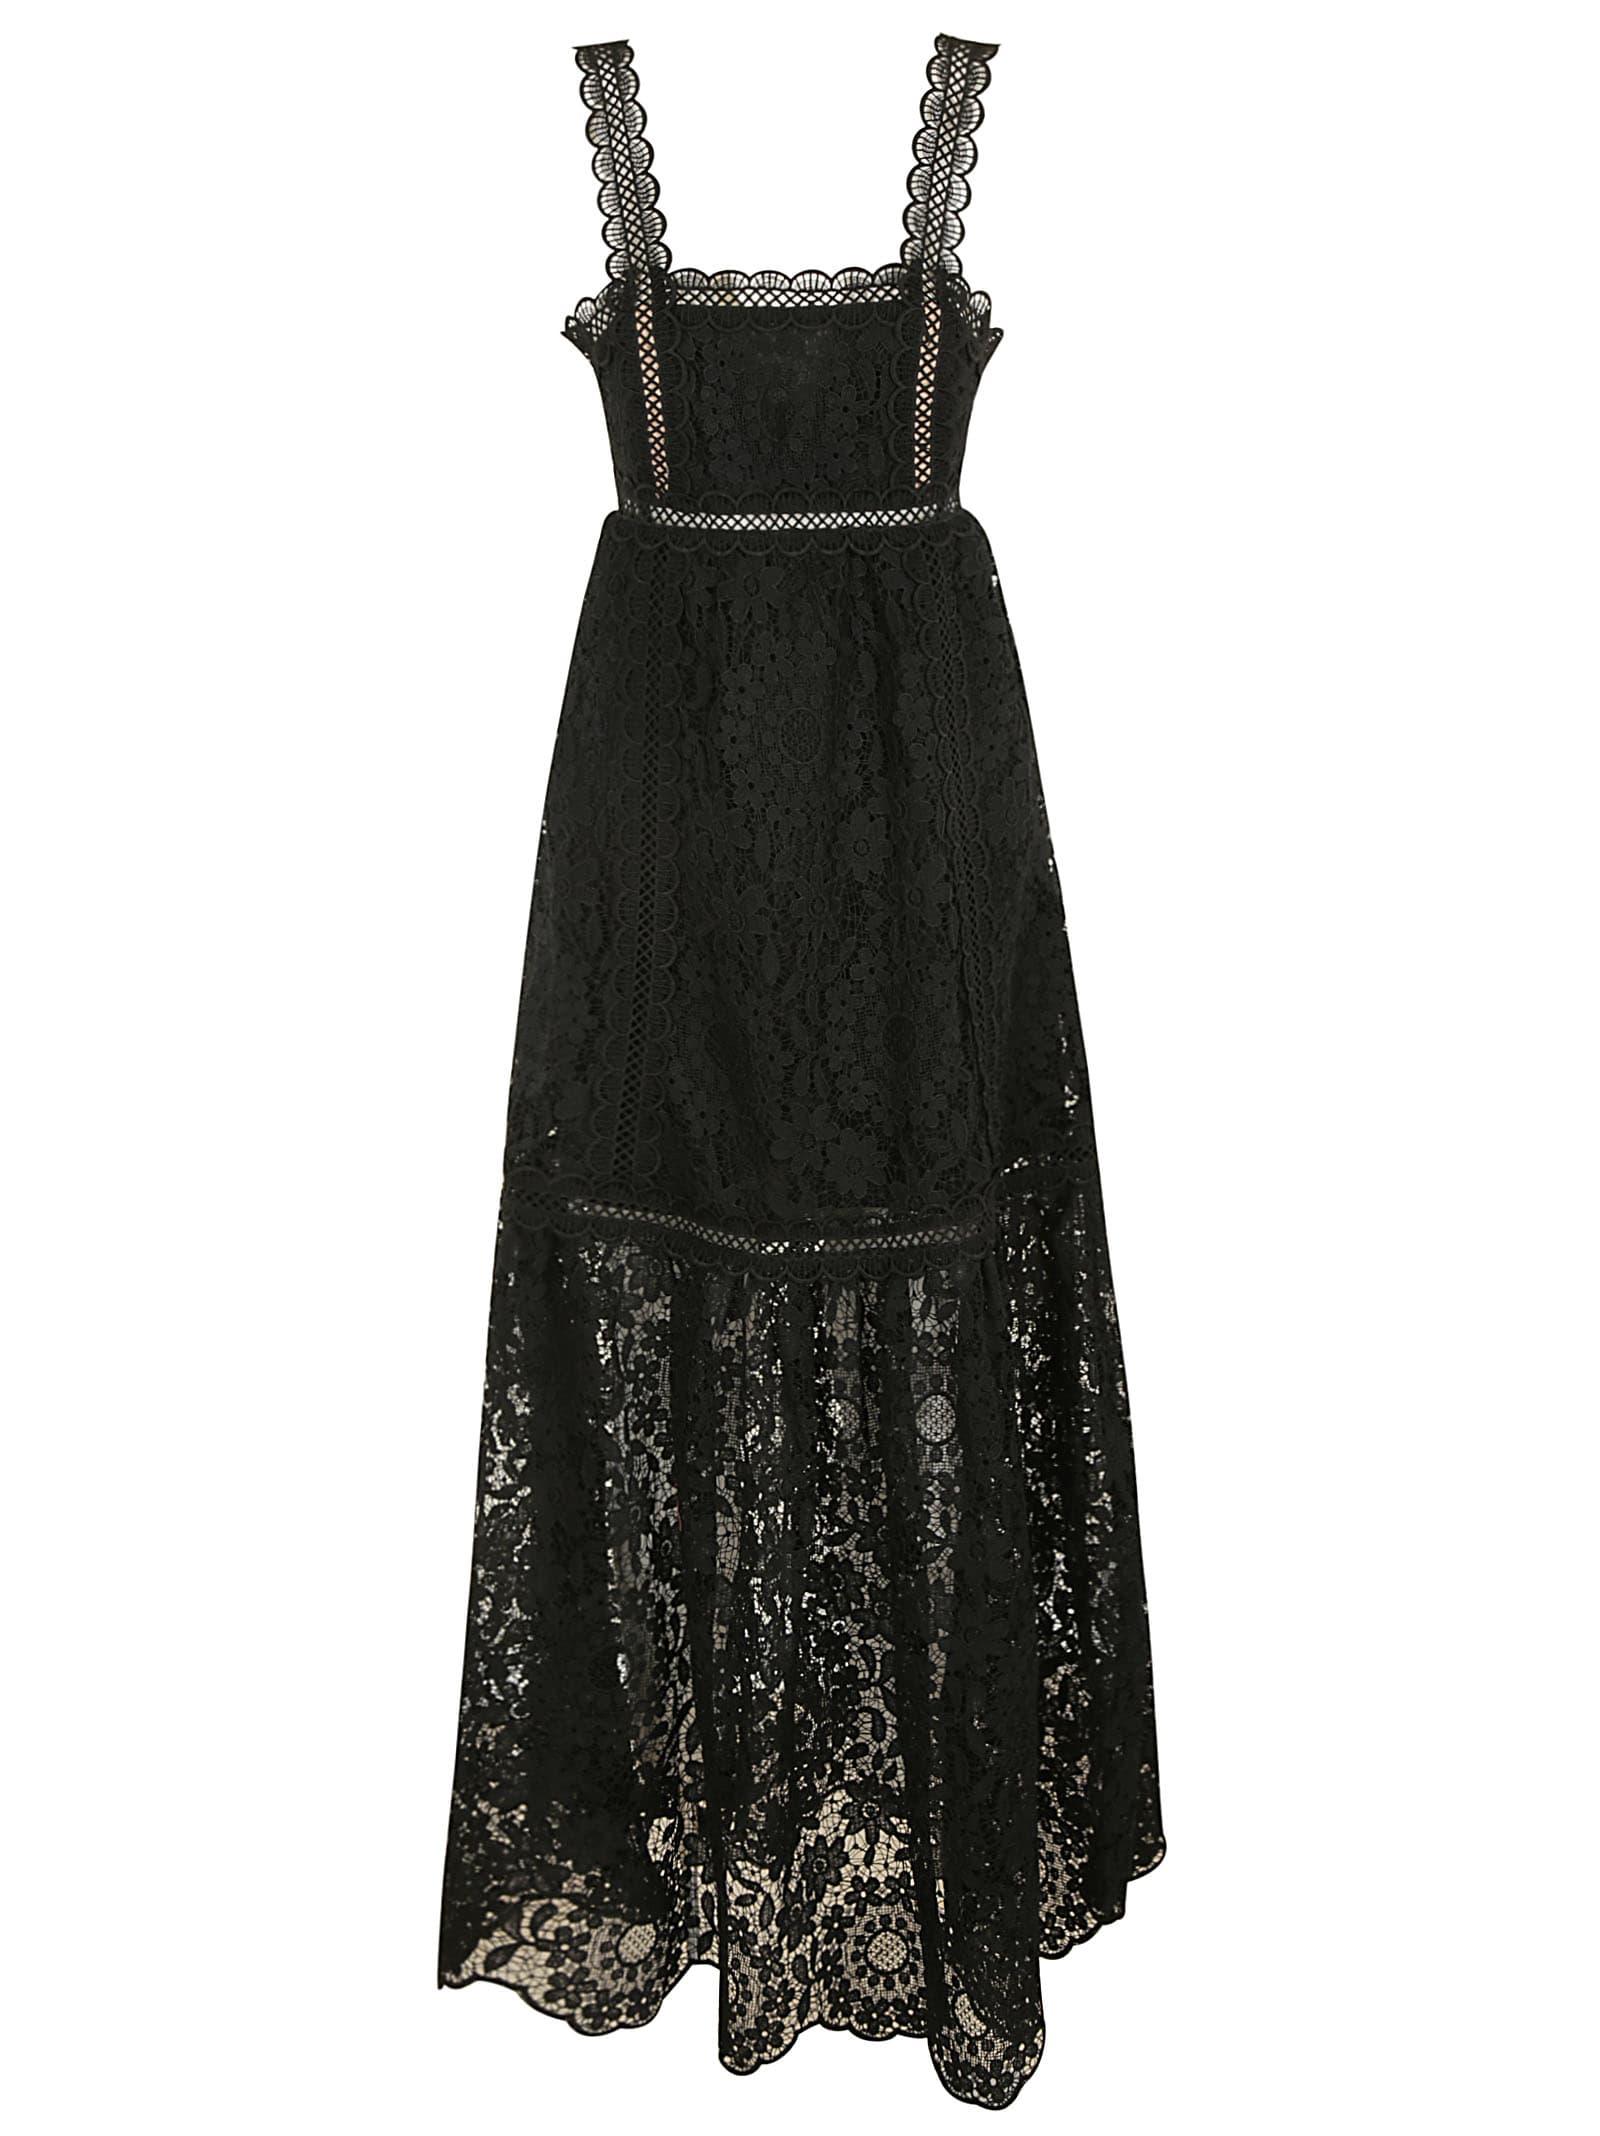 self-portrait Long-length Laced Dress